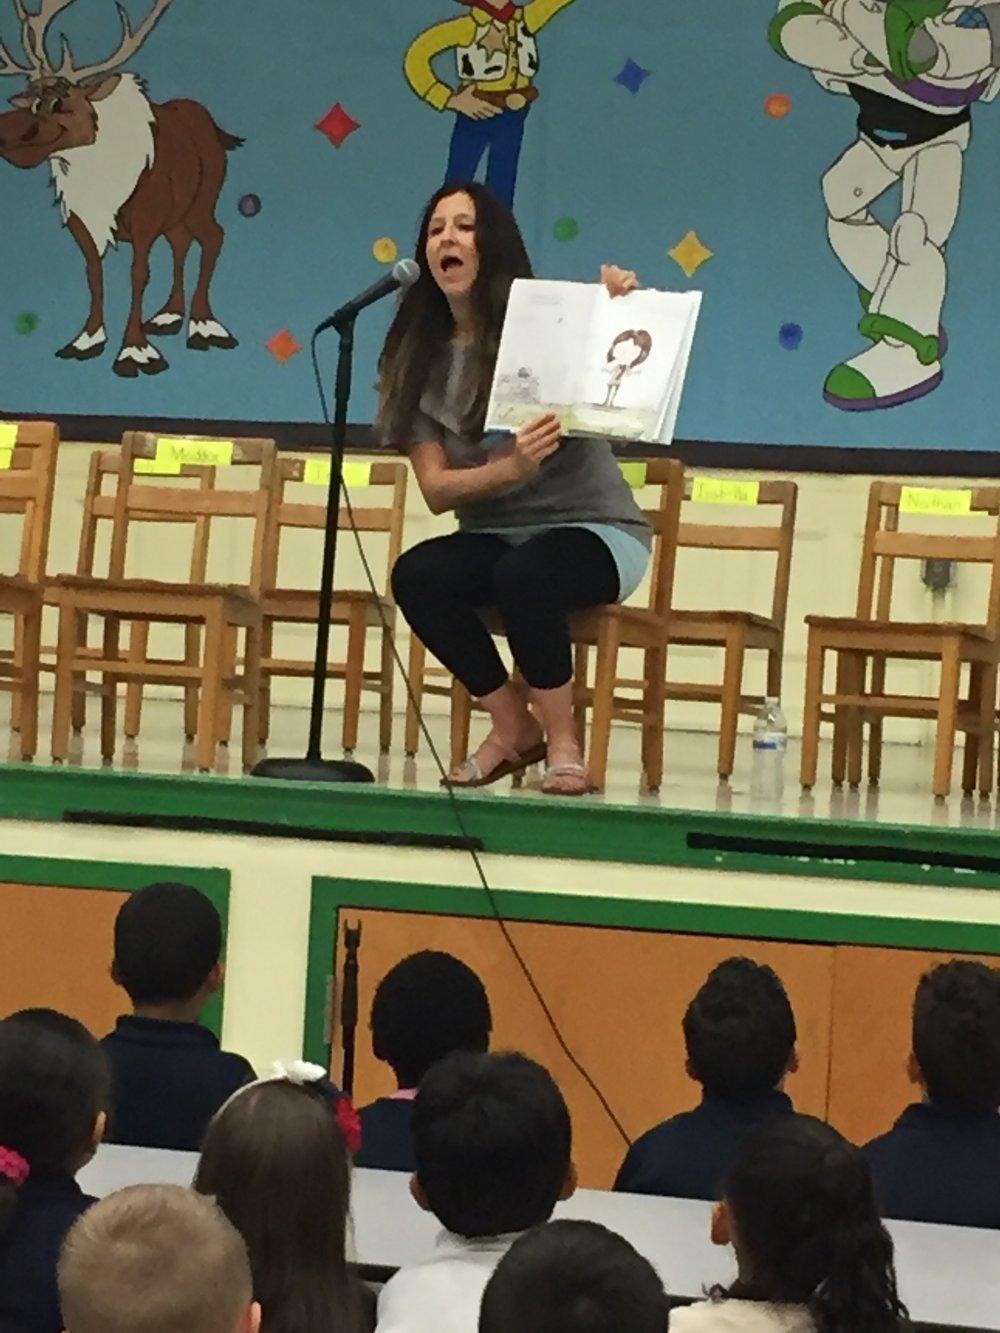 Gorilla school visit Vroom Bayonne NJIMG_6818.JPG